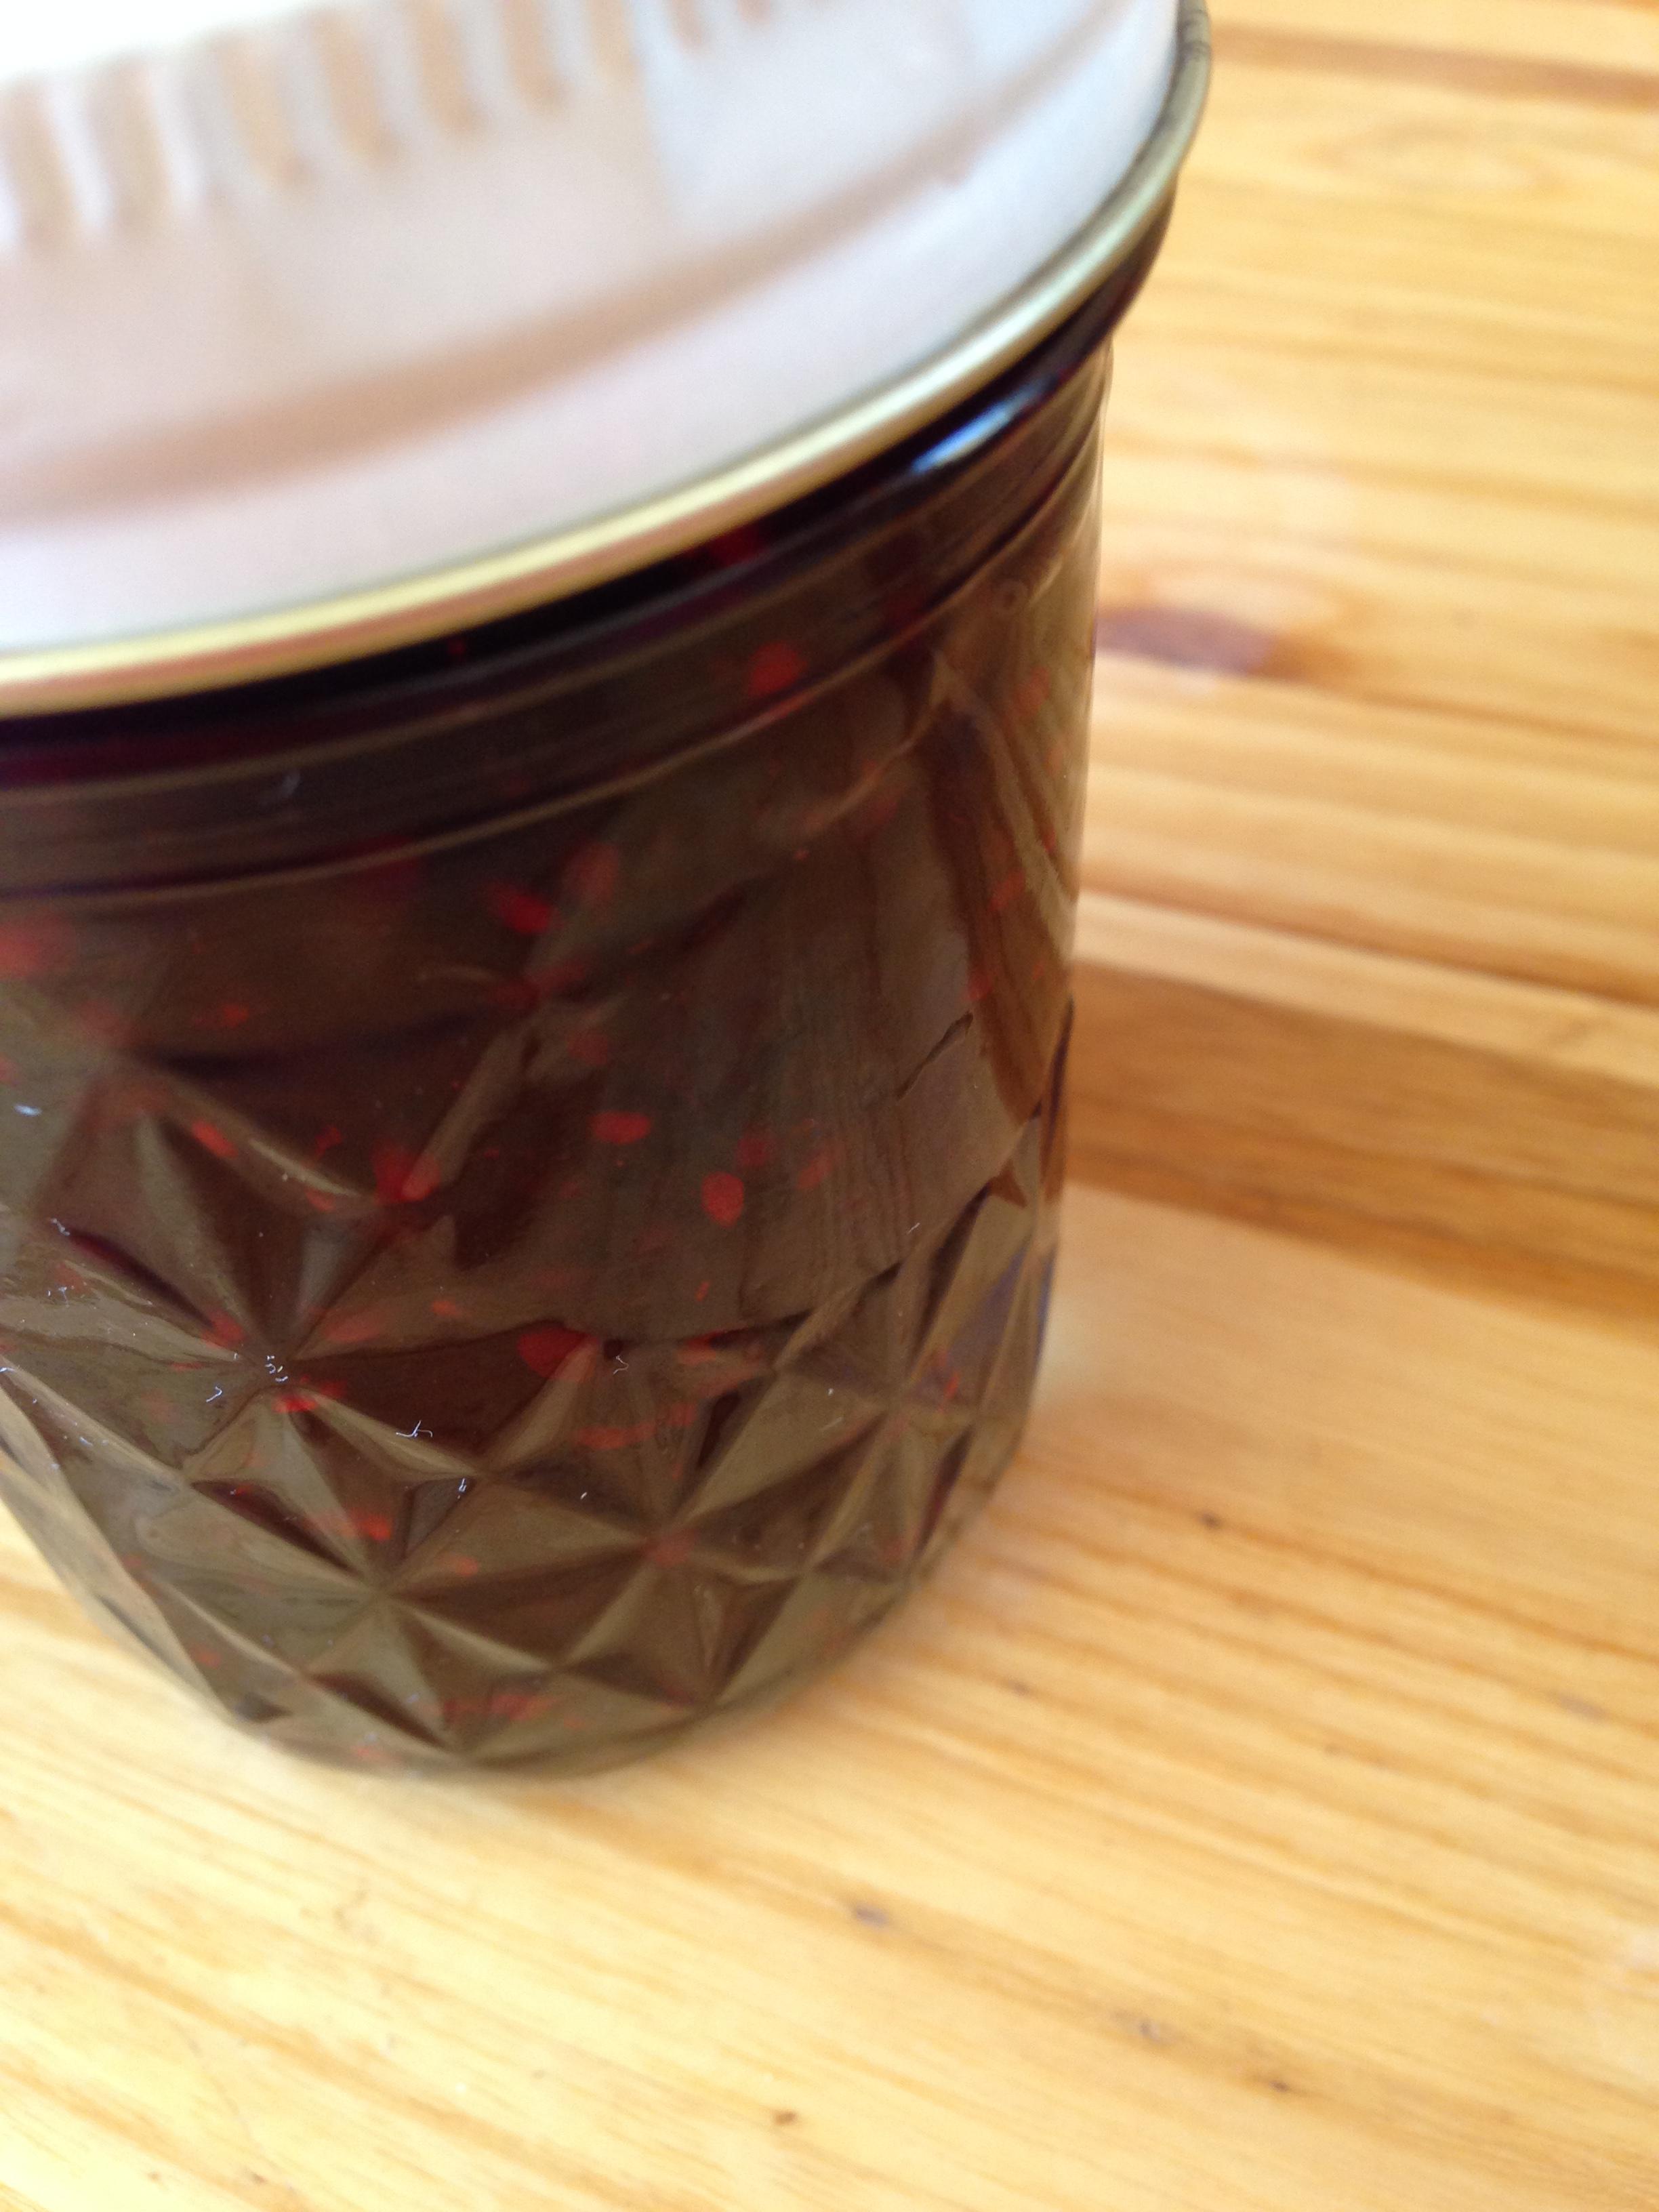 A Beautiful Jar of Jam!